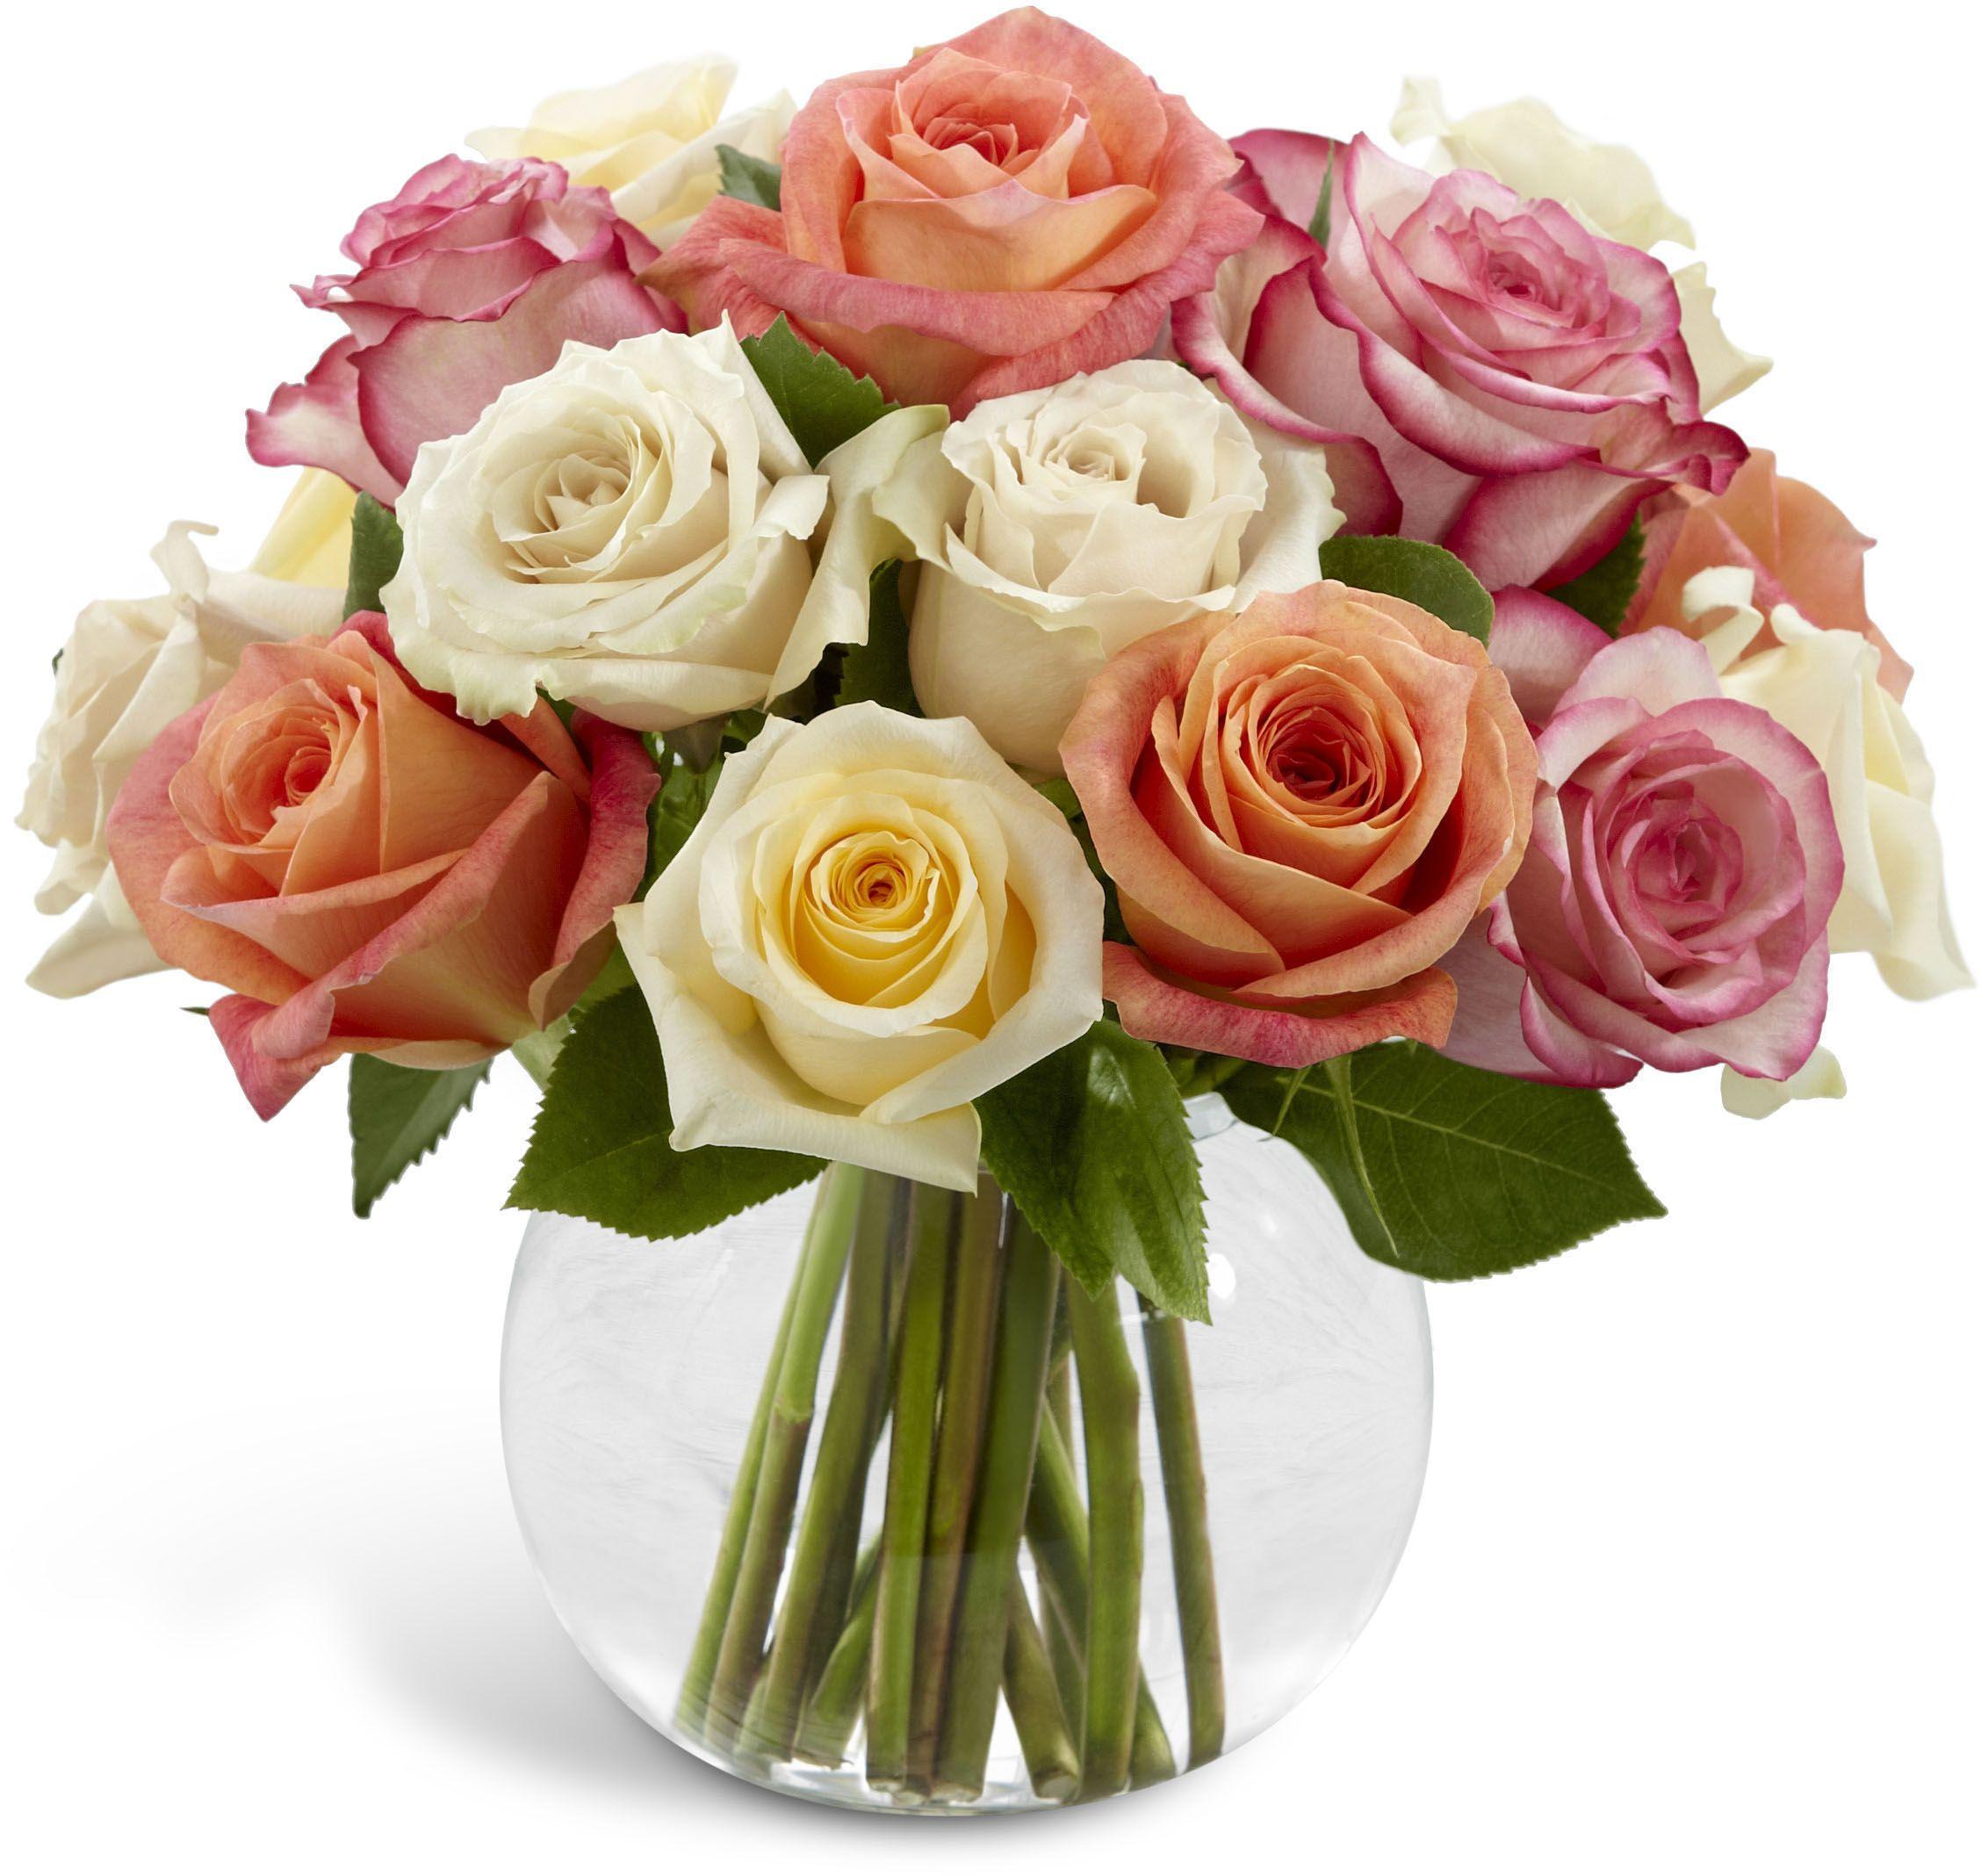 Фото цветов разных в букете